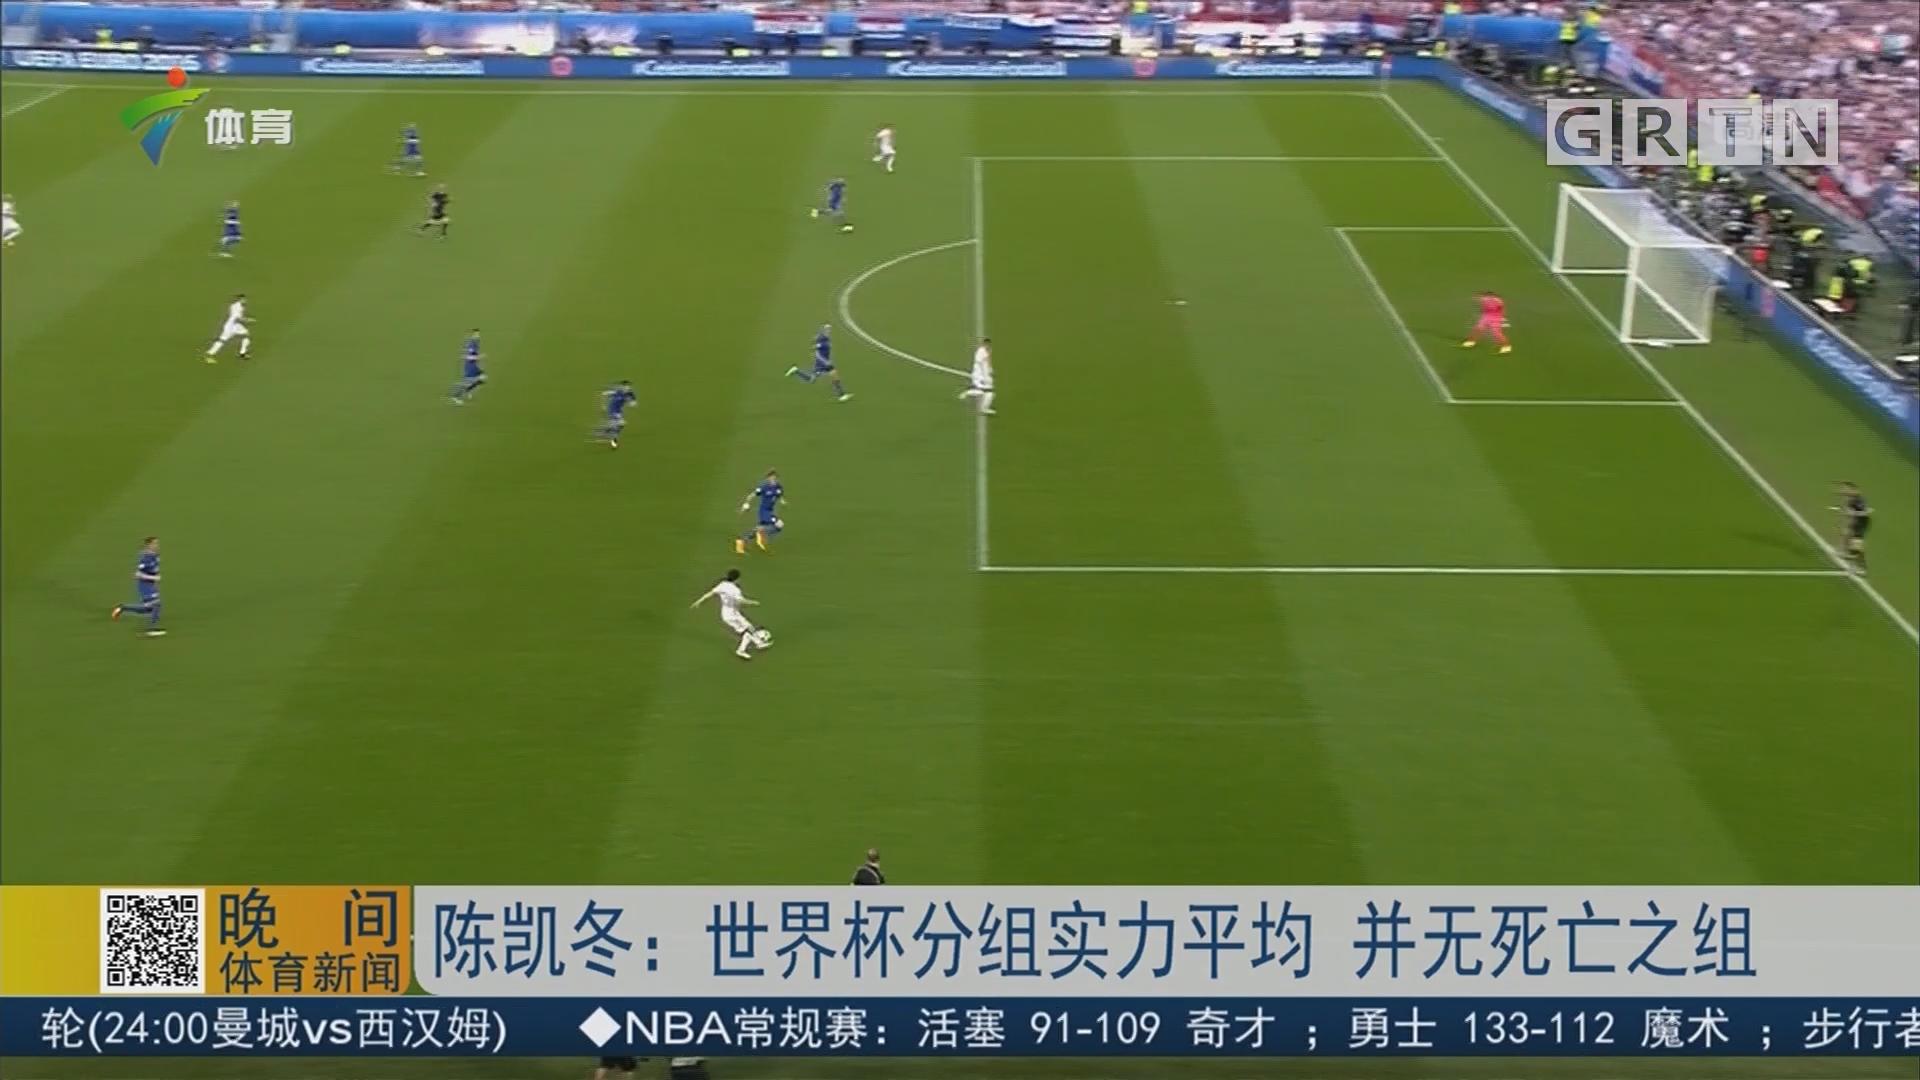 陈凯冬:世界杯分组实力平均 并无死亡之组